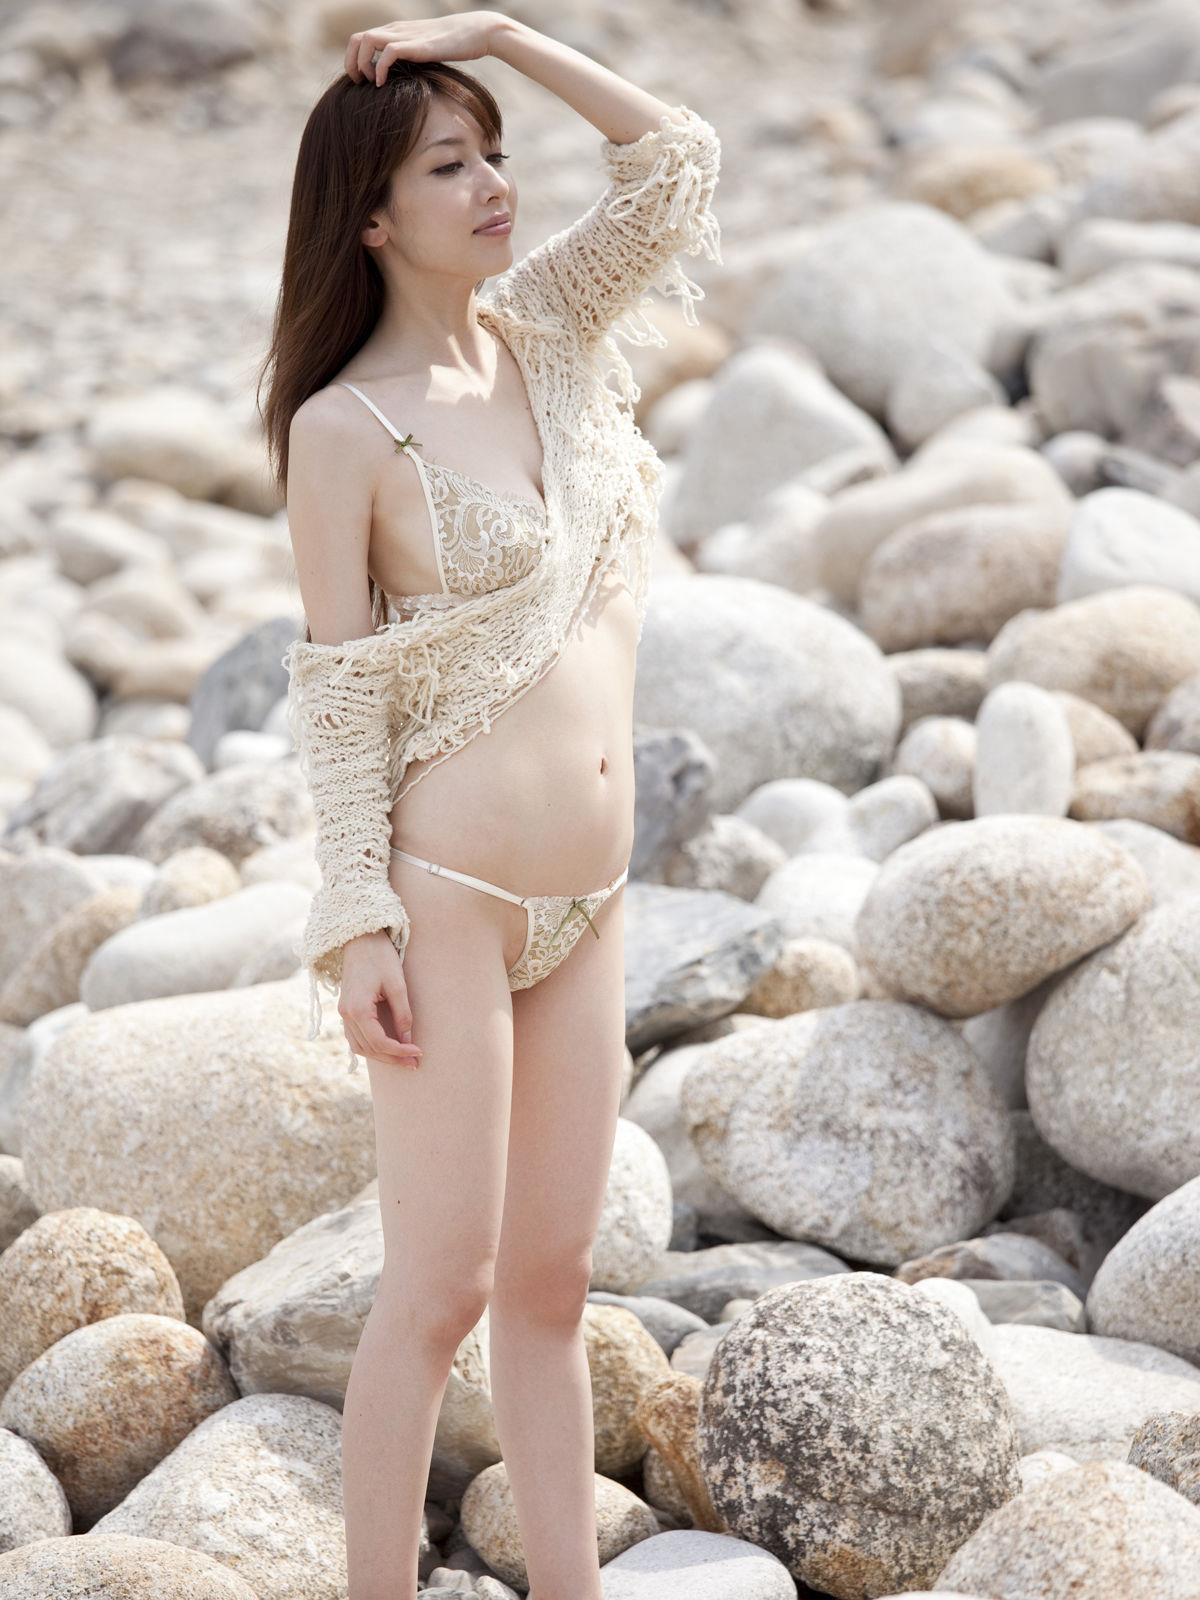 小林恵美 セミヌード画像 65